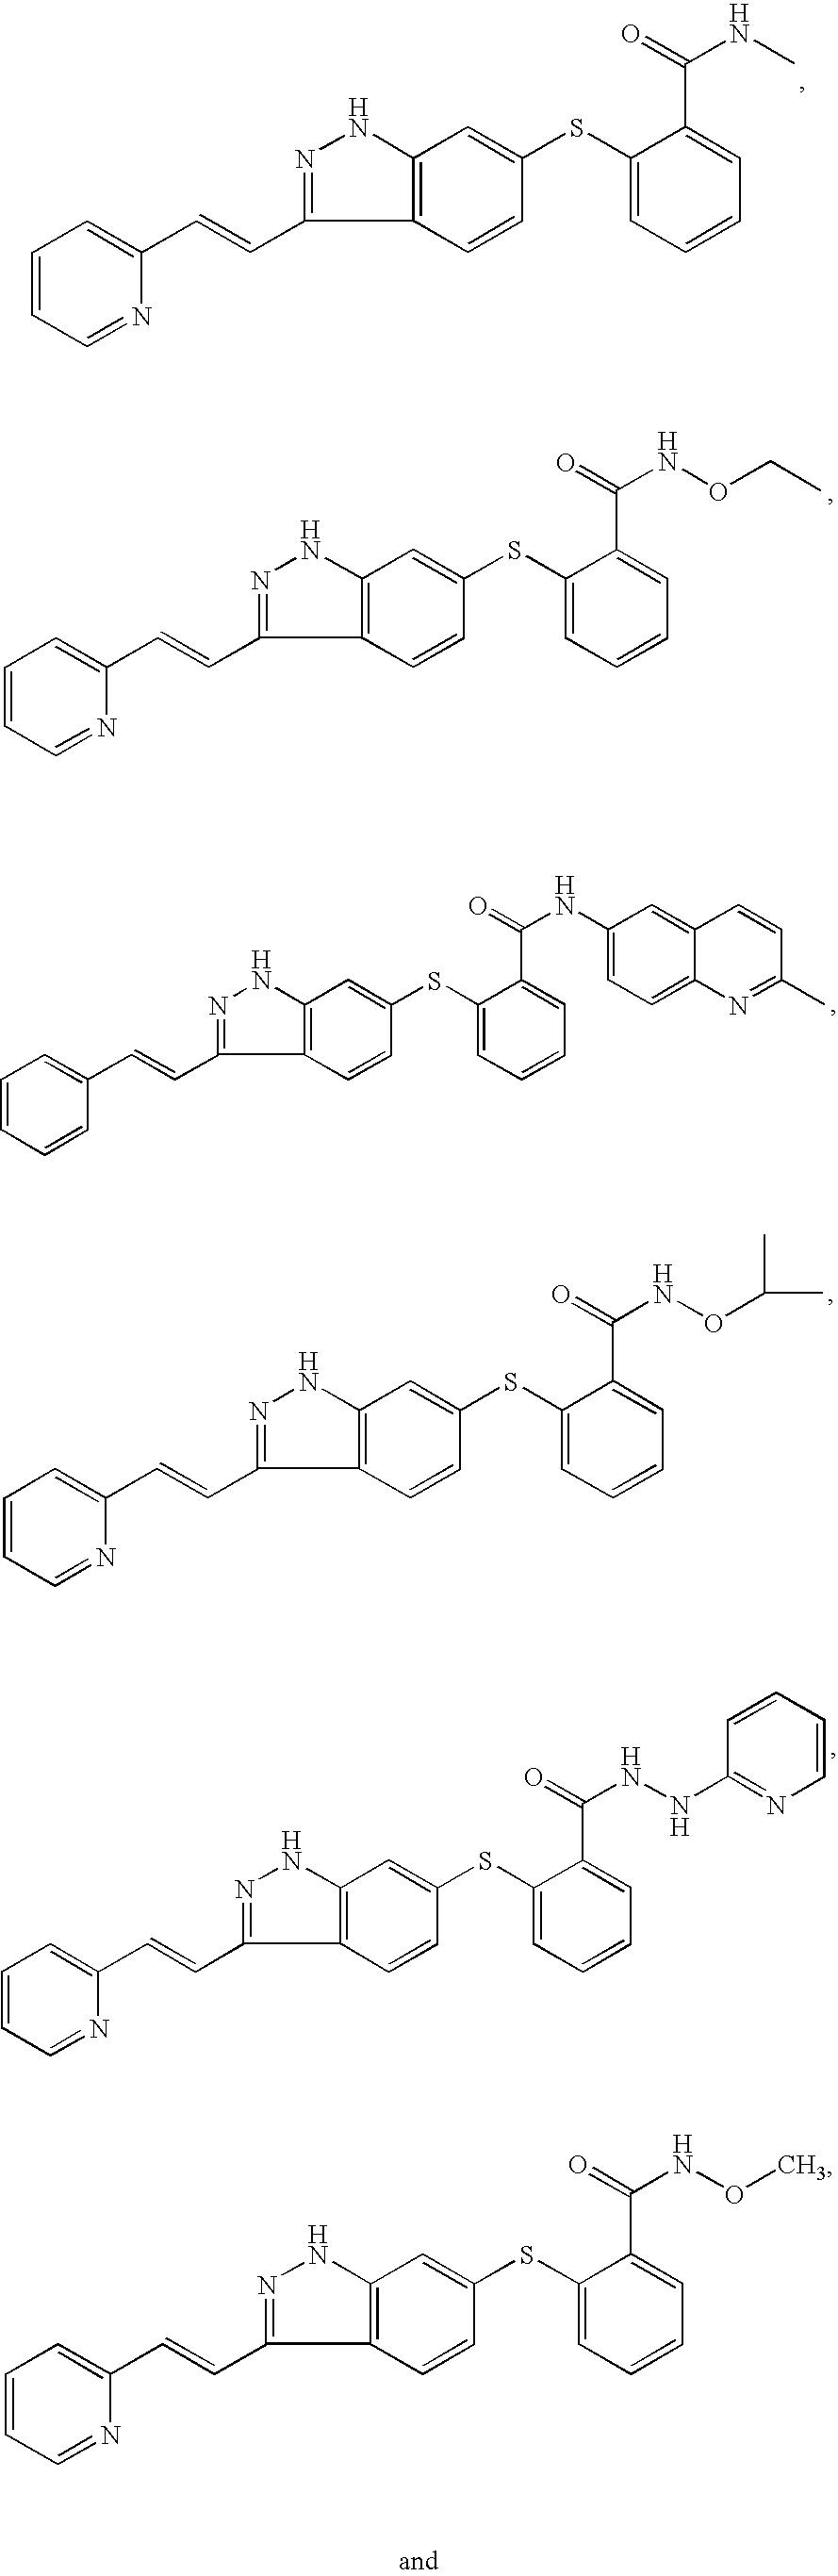 Figure US07141581-20061128-C00025